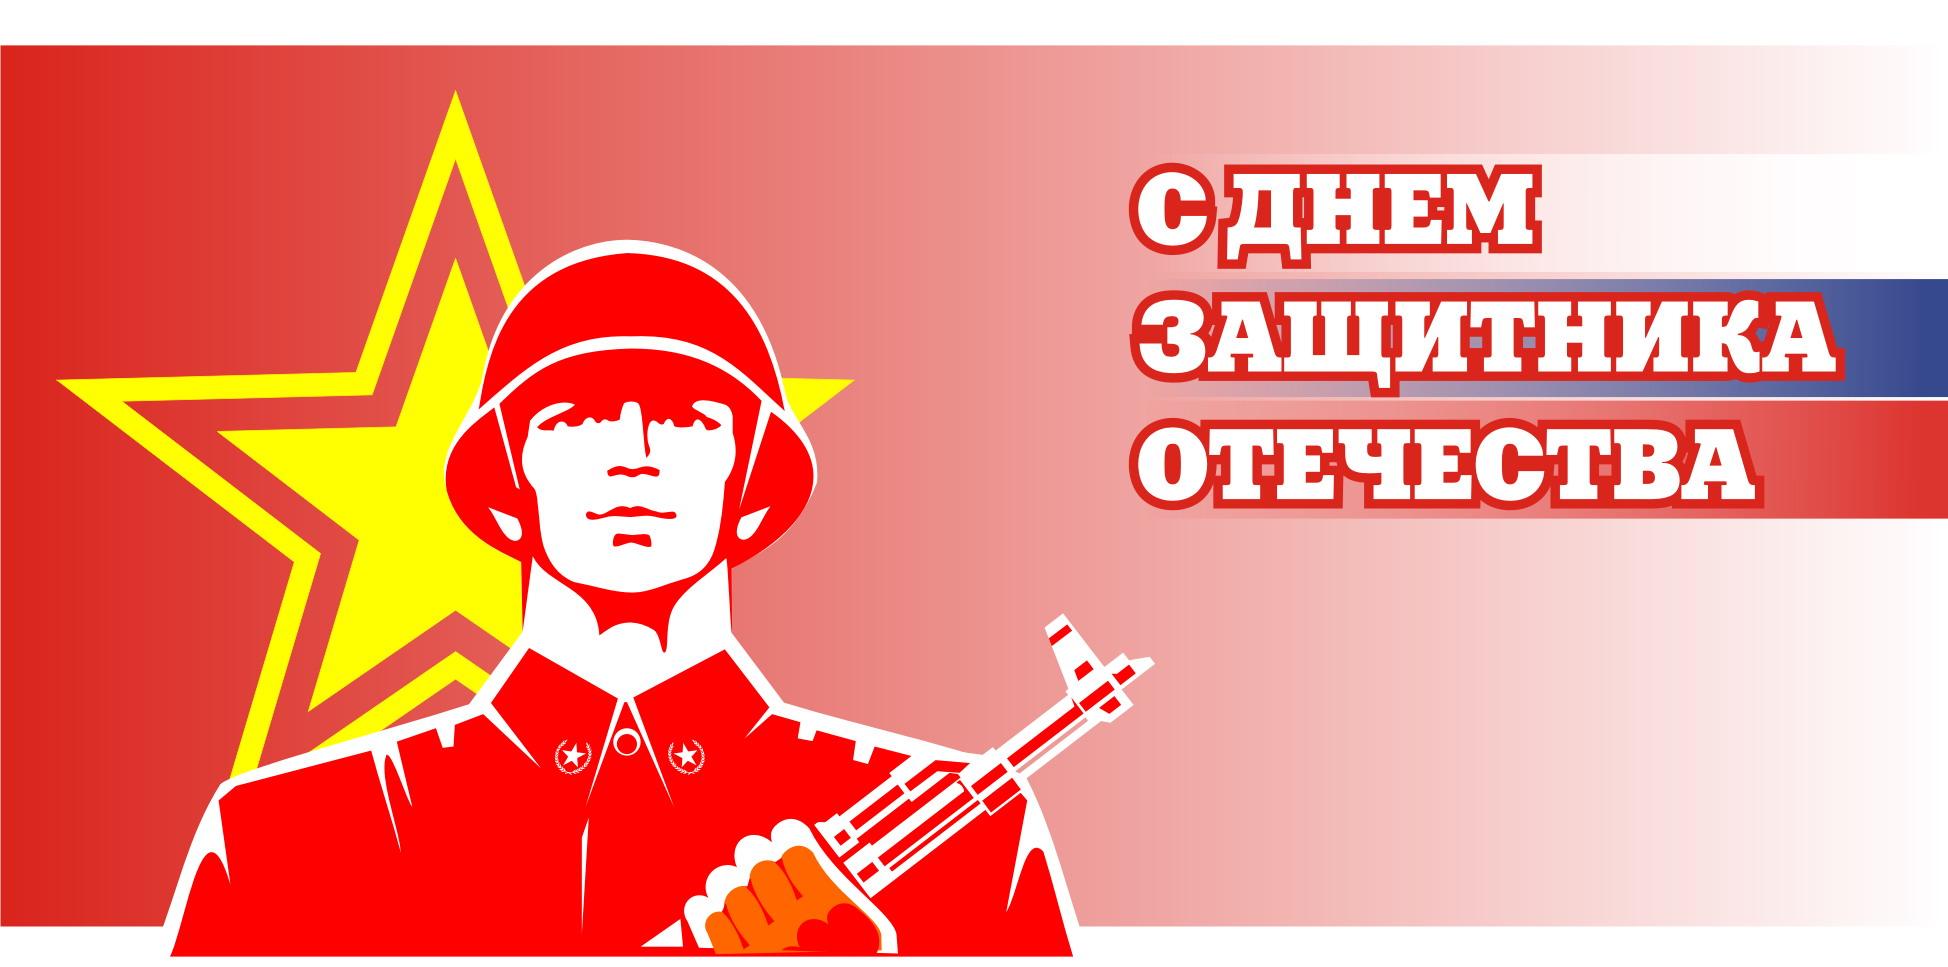 День снятия блокады открытка нарисованная школьниками